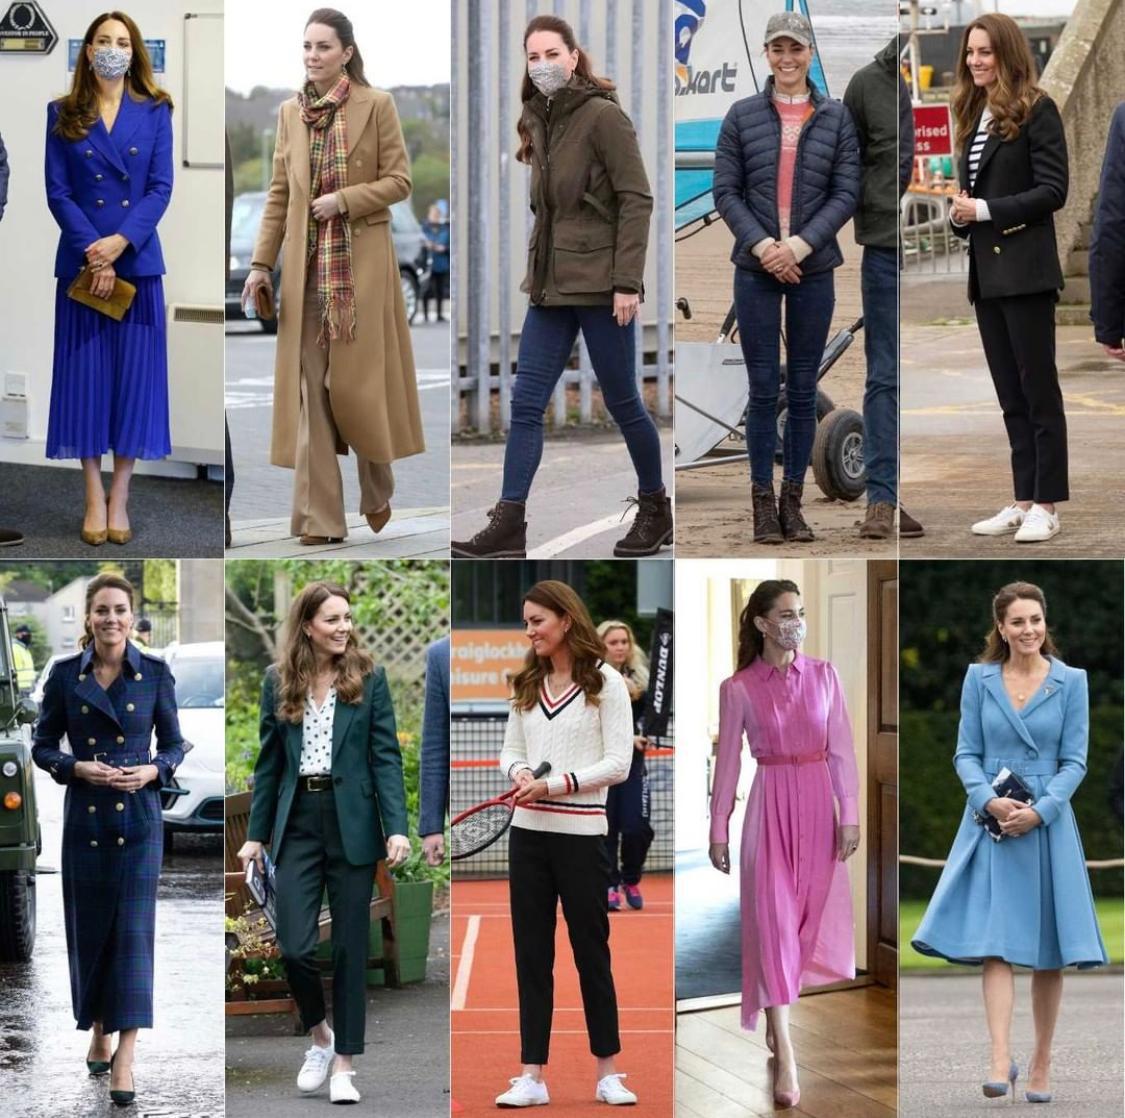 Kate Middleton's impeccable Scotland wardrobe